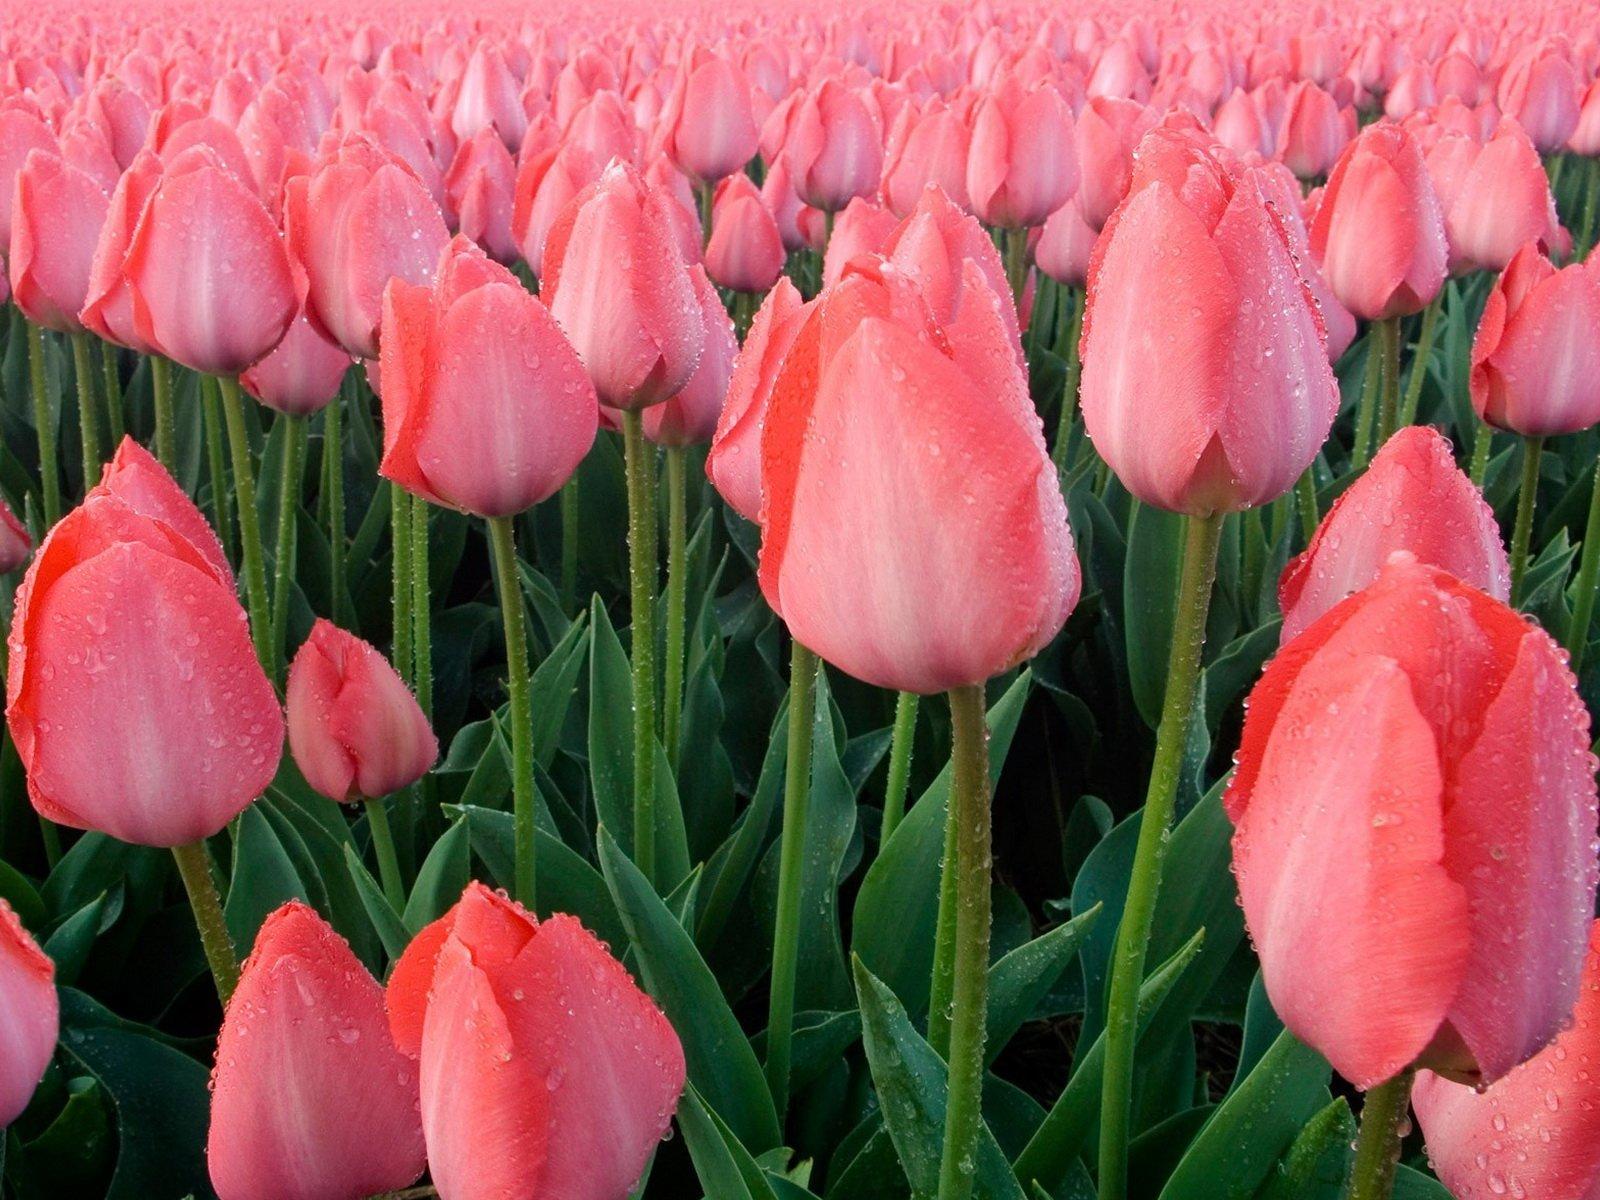 розовые тюльпаны весной